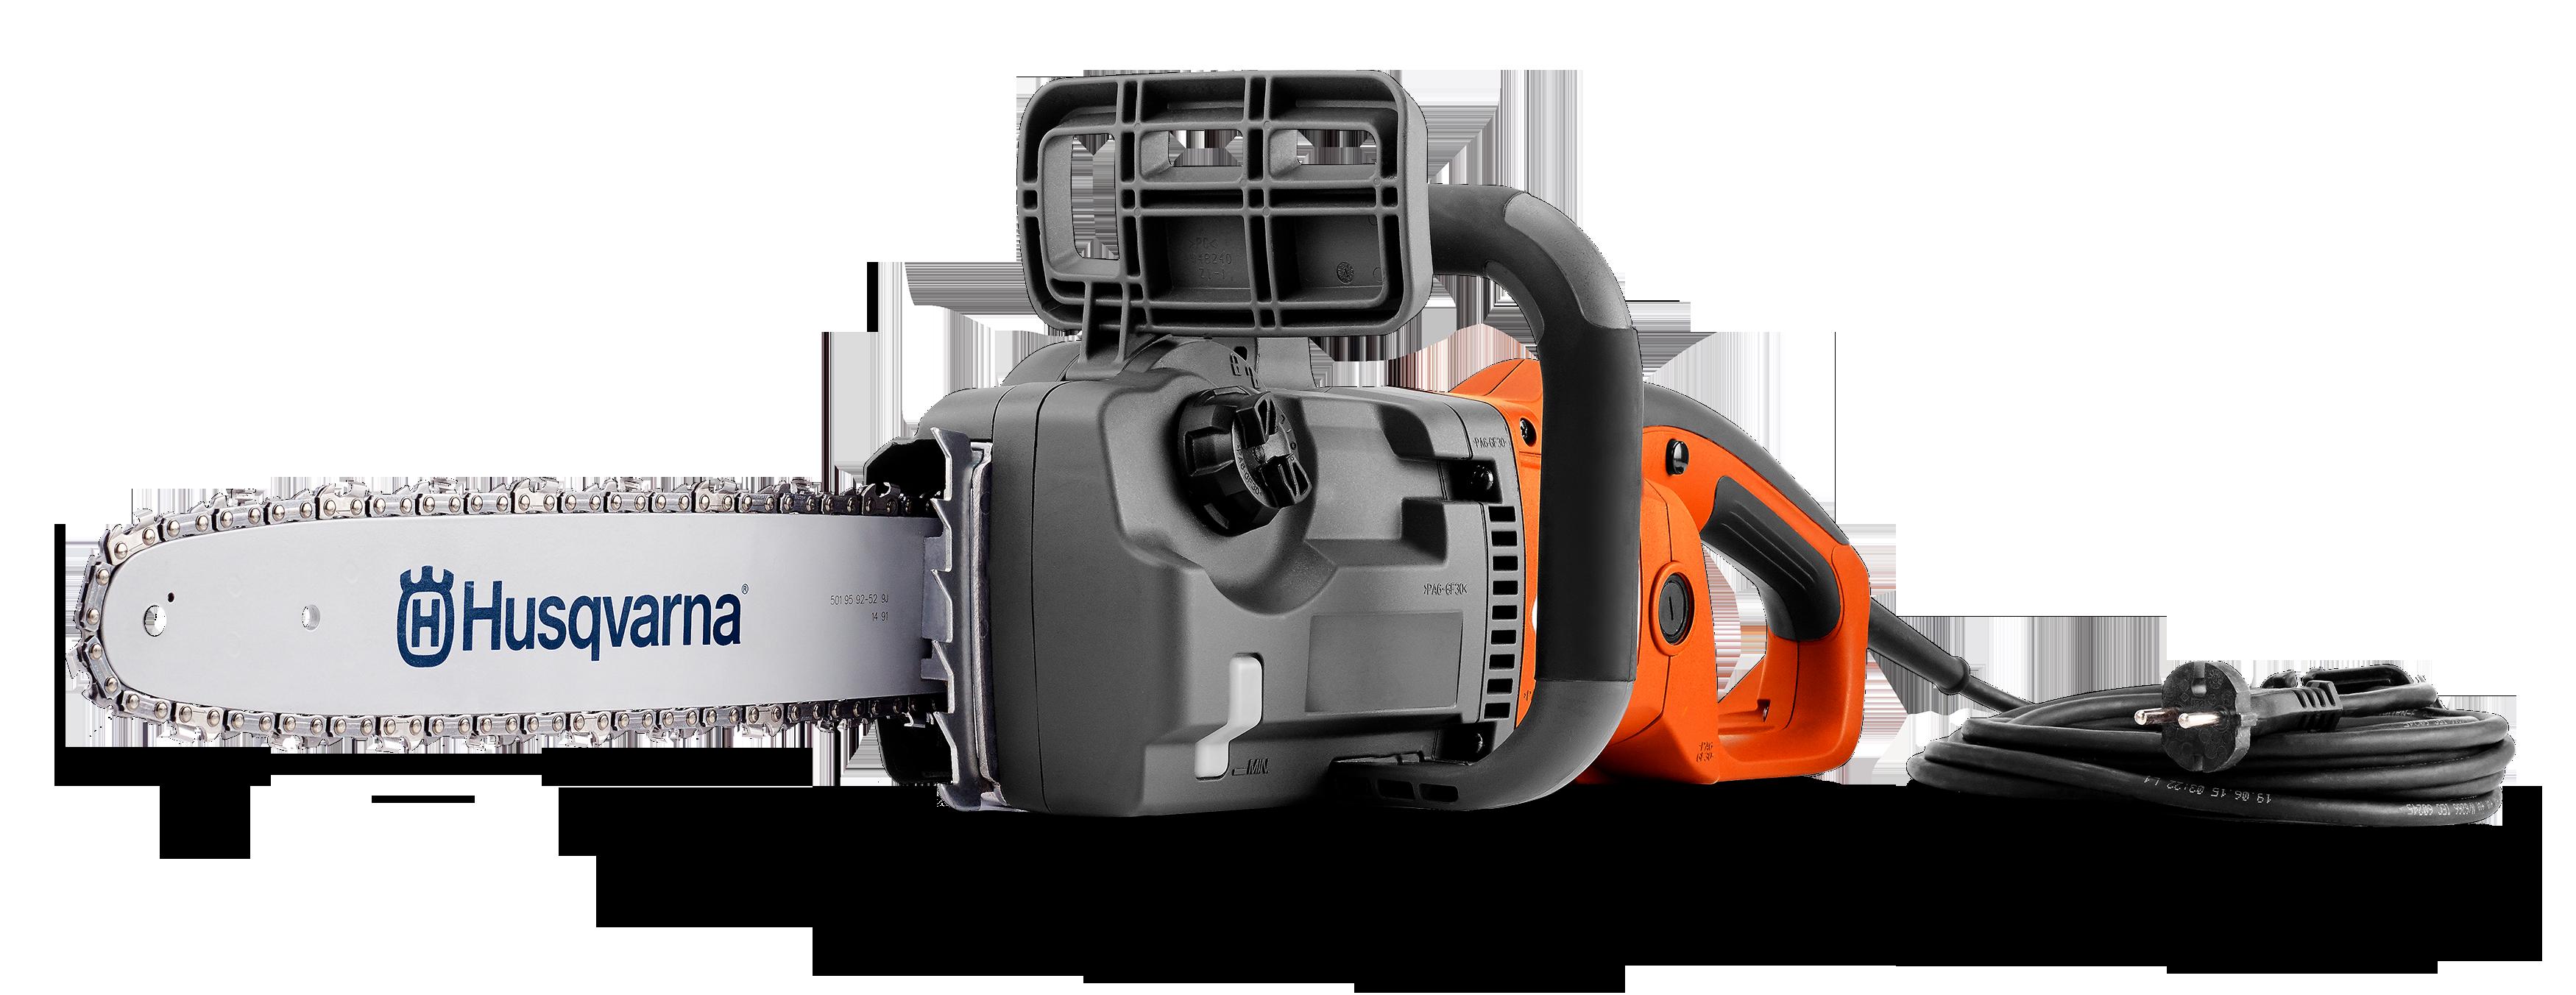 """Электрическая цепная пила Husqvarna 420ELПилы<br>Мощная цепная пила с приводом от электрической сети и потребляемой мощностью 2 кВт и пильной шиной, длиной 16""""/40см. Предназначена для пиления древесины при некоммерческого использовании. Создаваемые характеристики, реализуемый мгновенно после включения крутящий момент, обеспечивают высокую скорость и производительность пиления, а компактный корпус, практичный дизайн, мягкая передняя рукоятка, расположенная под углом 90 градусов и натяжение цепи без какого-либо инструмента – манёвренность и эргономичность конструкции. Идеальный инстру...<br><br>Тип: электрическая цепная<br>Конструкция: ручная<br>Мощность, Вт: 2000<br>Функции и возможности: тормоз цепи"""